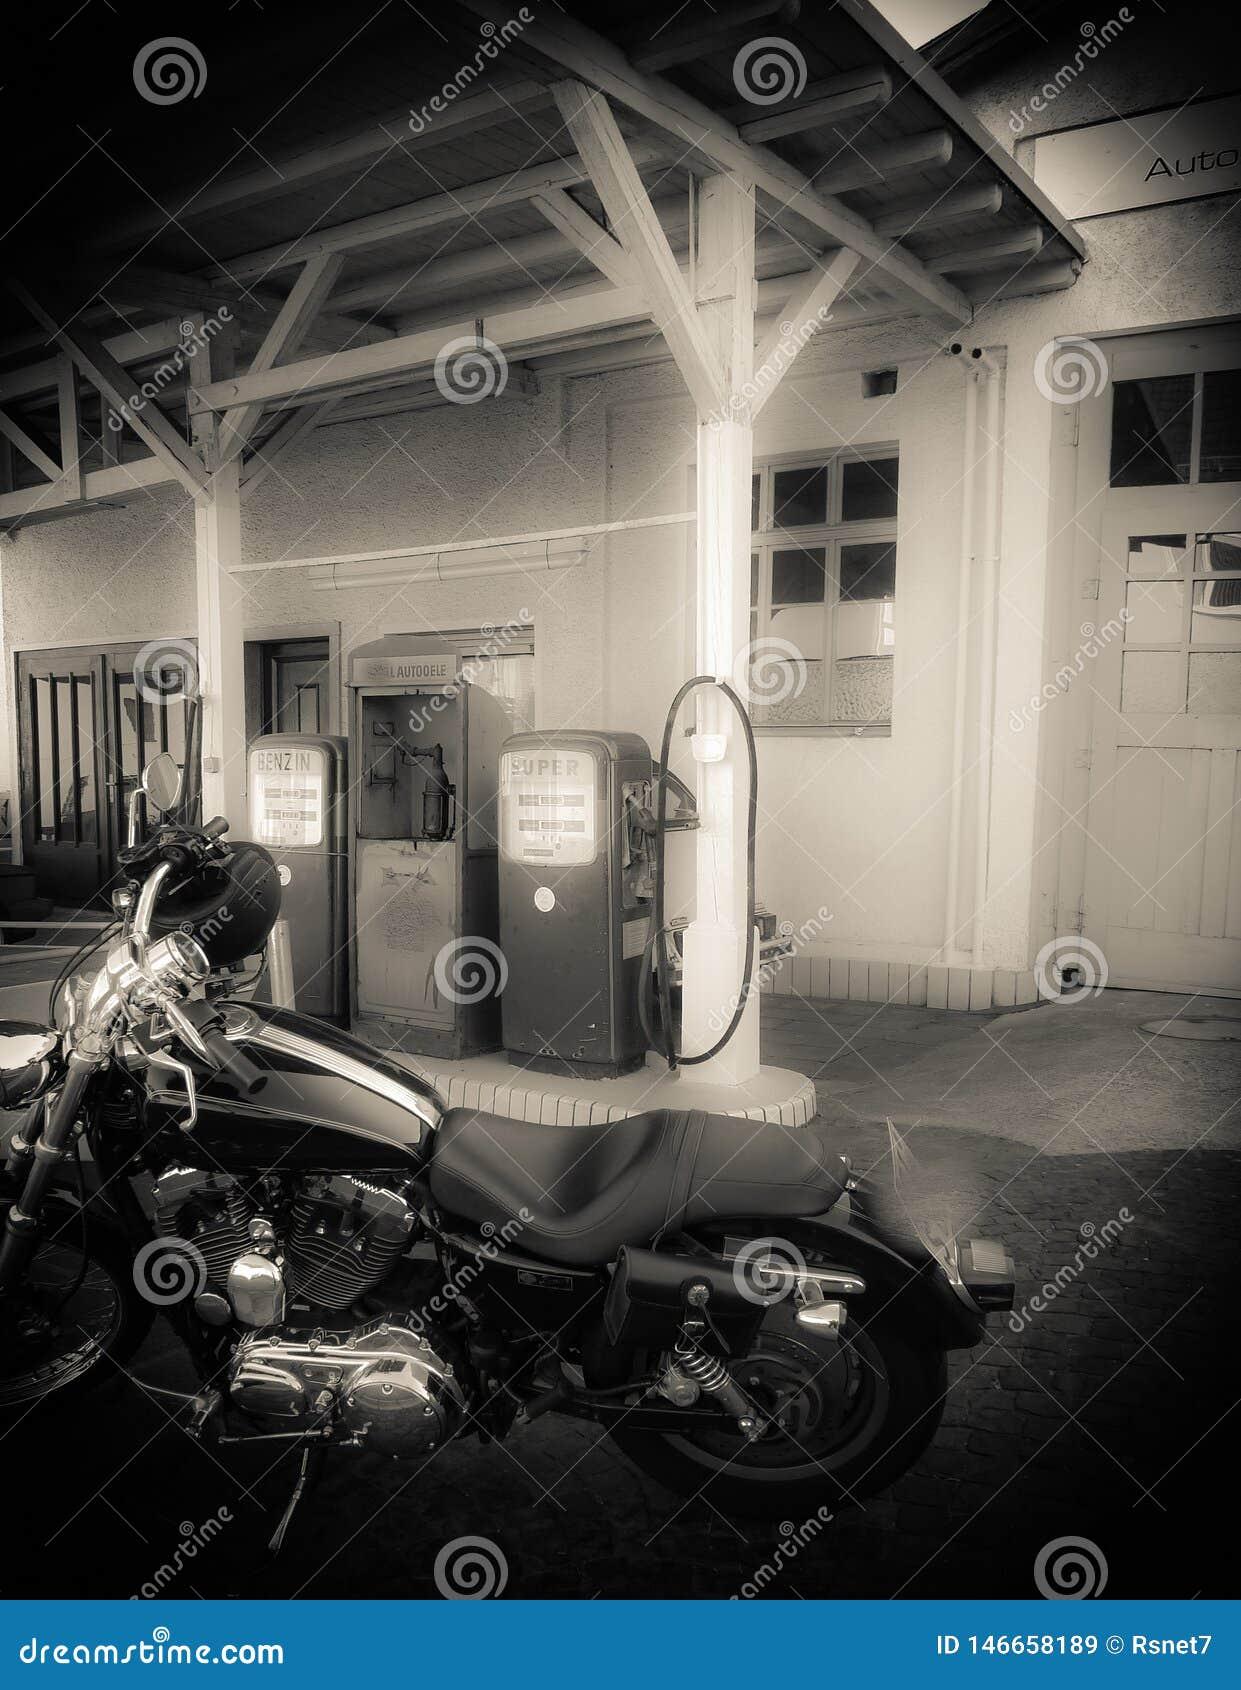 Motorfiets voor oud benzinestation